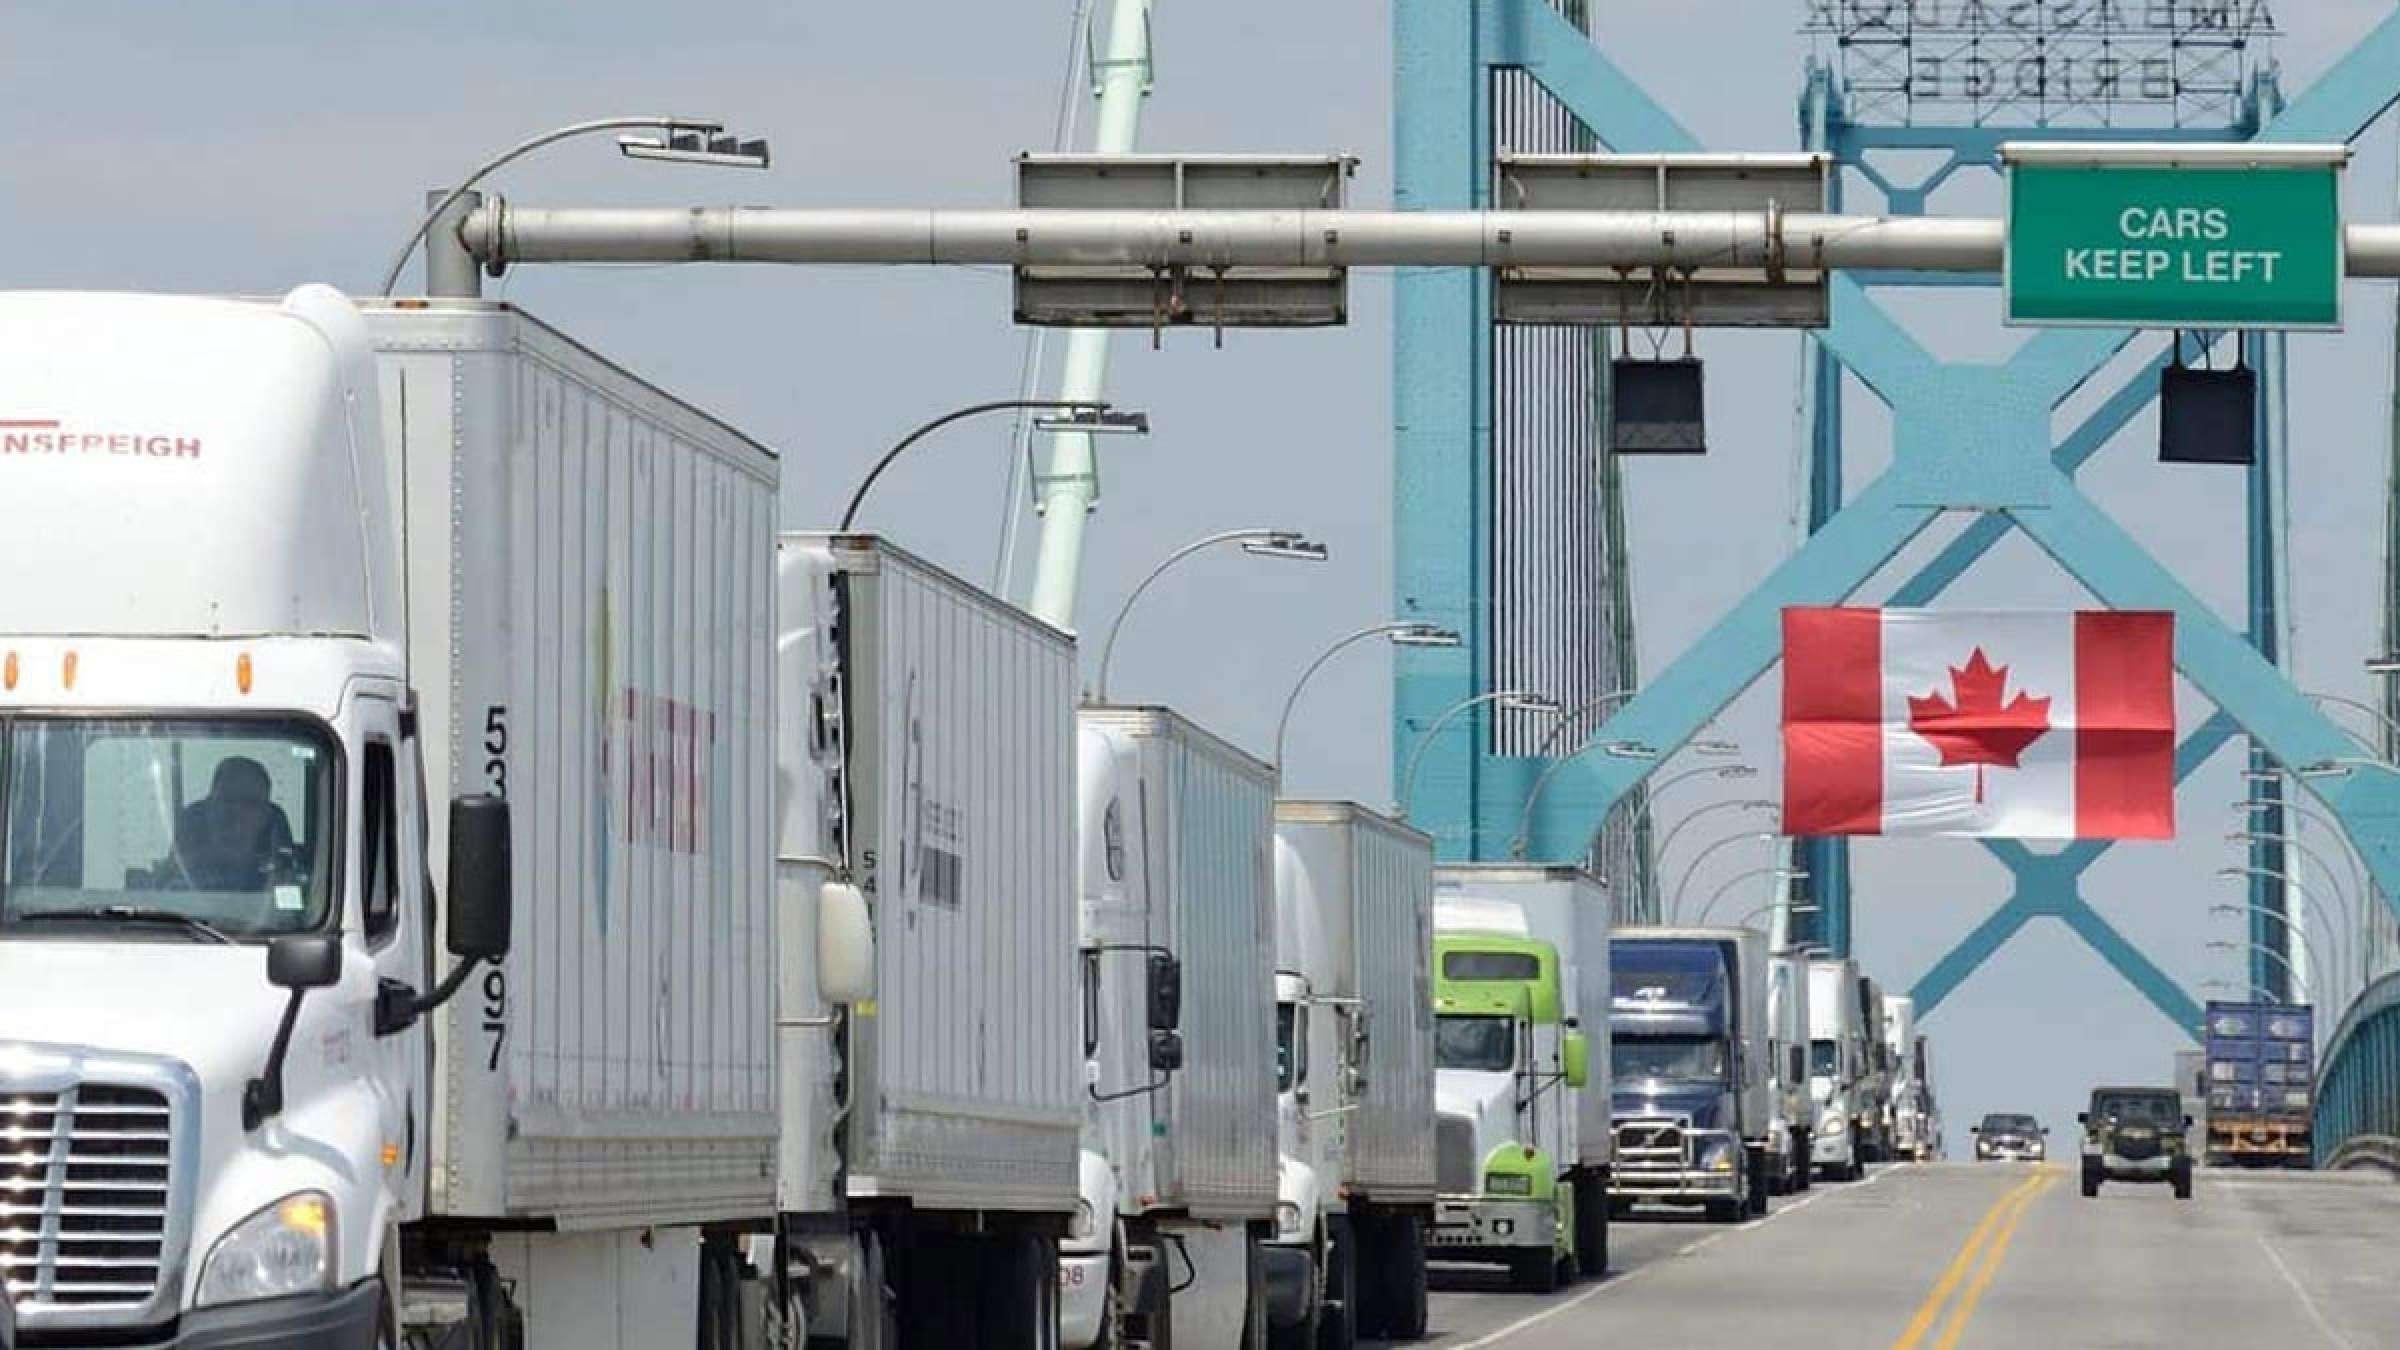 خبر-کانادا-کارمندان-مرزی-با-اعتصاب-مایحتاج-را-بستند-یکروزه-دولت-توافق-رسیدند-مرزها-باز-شدند